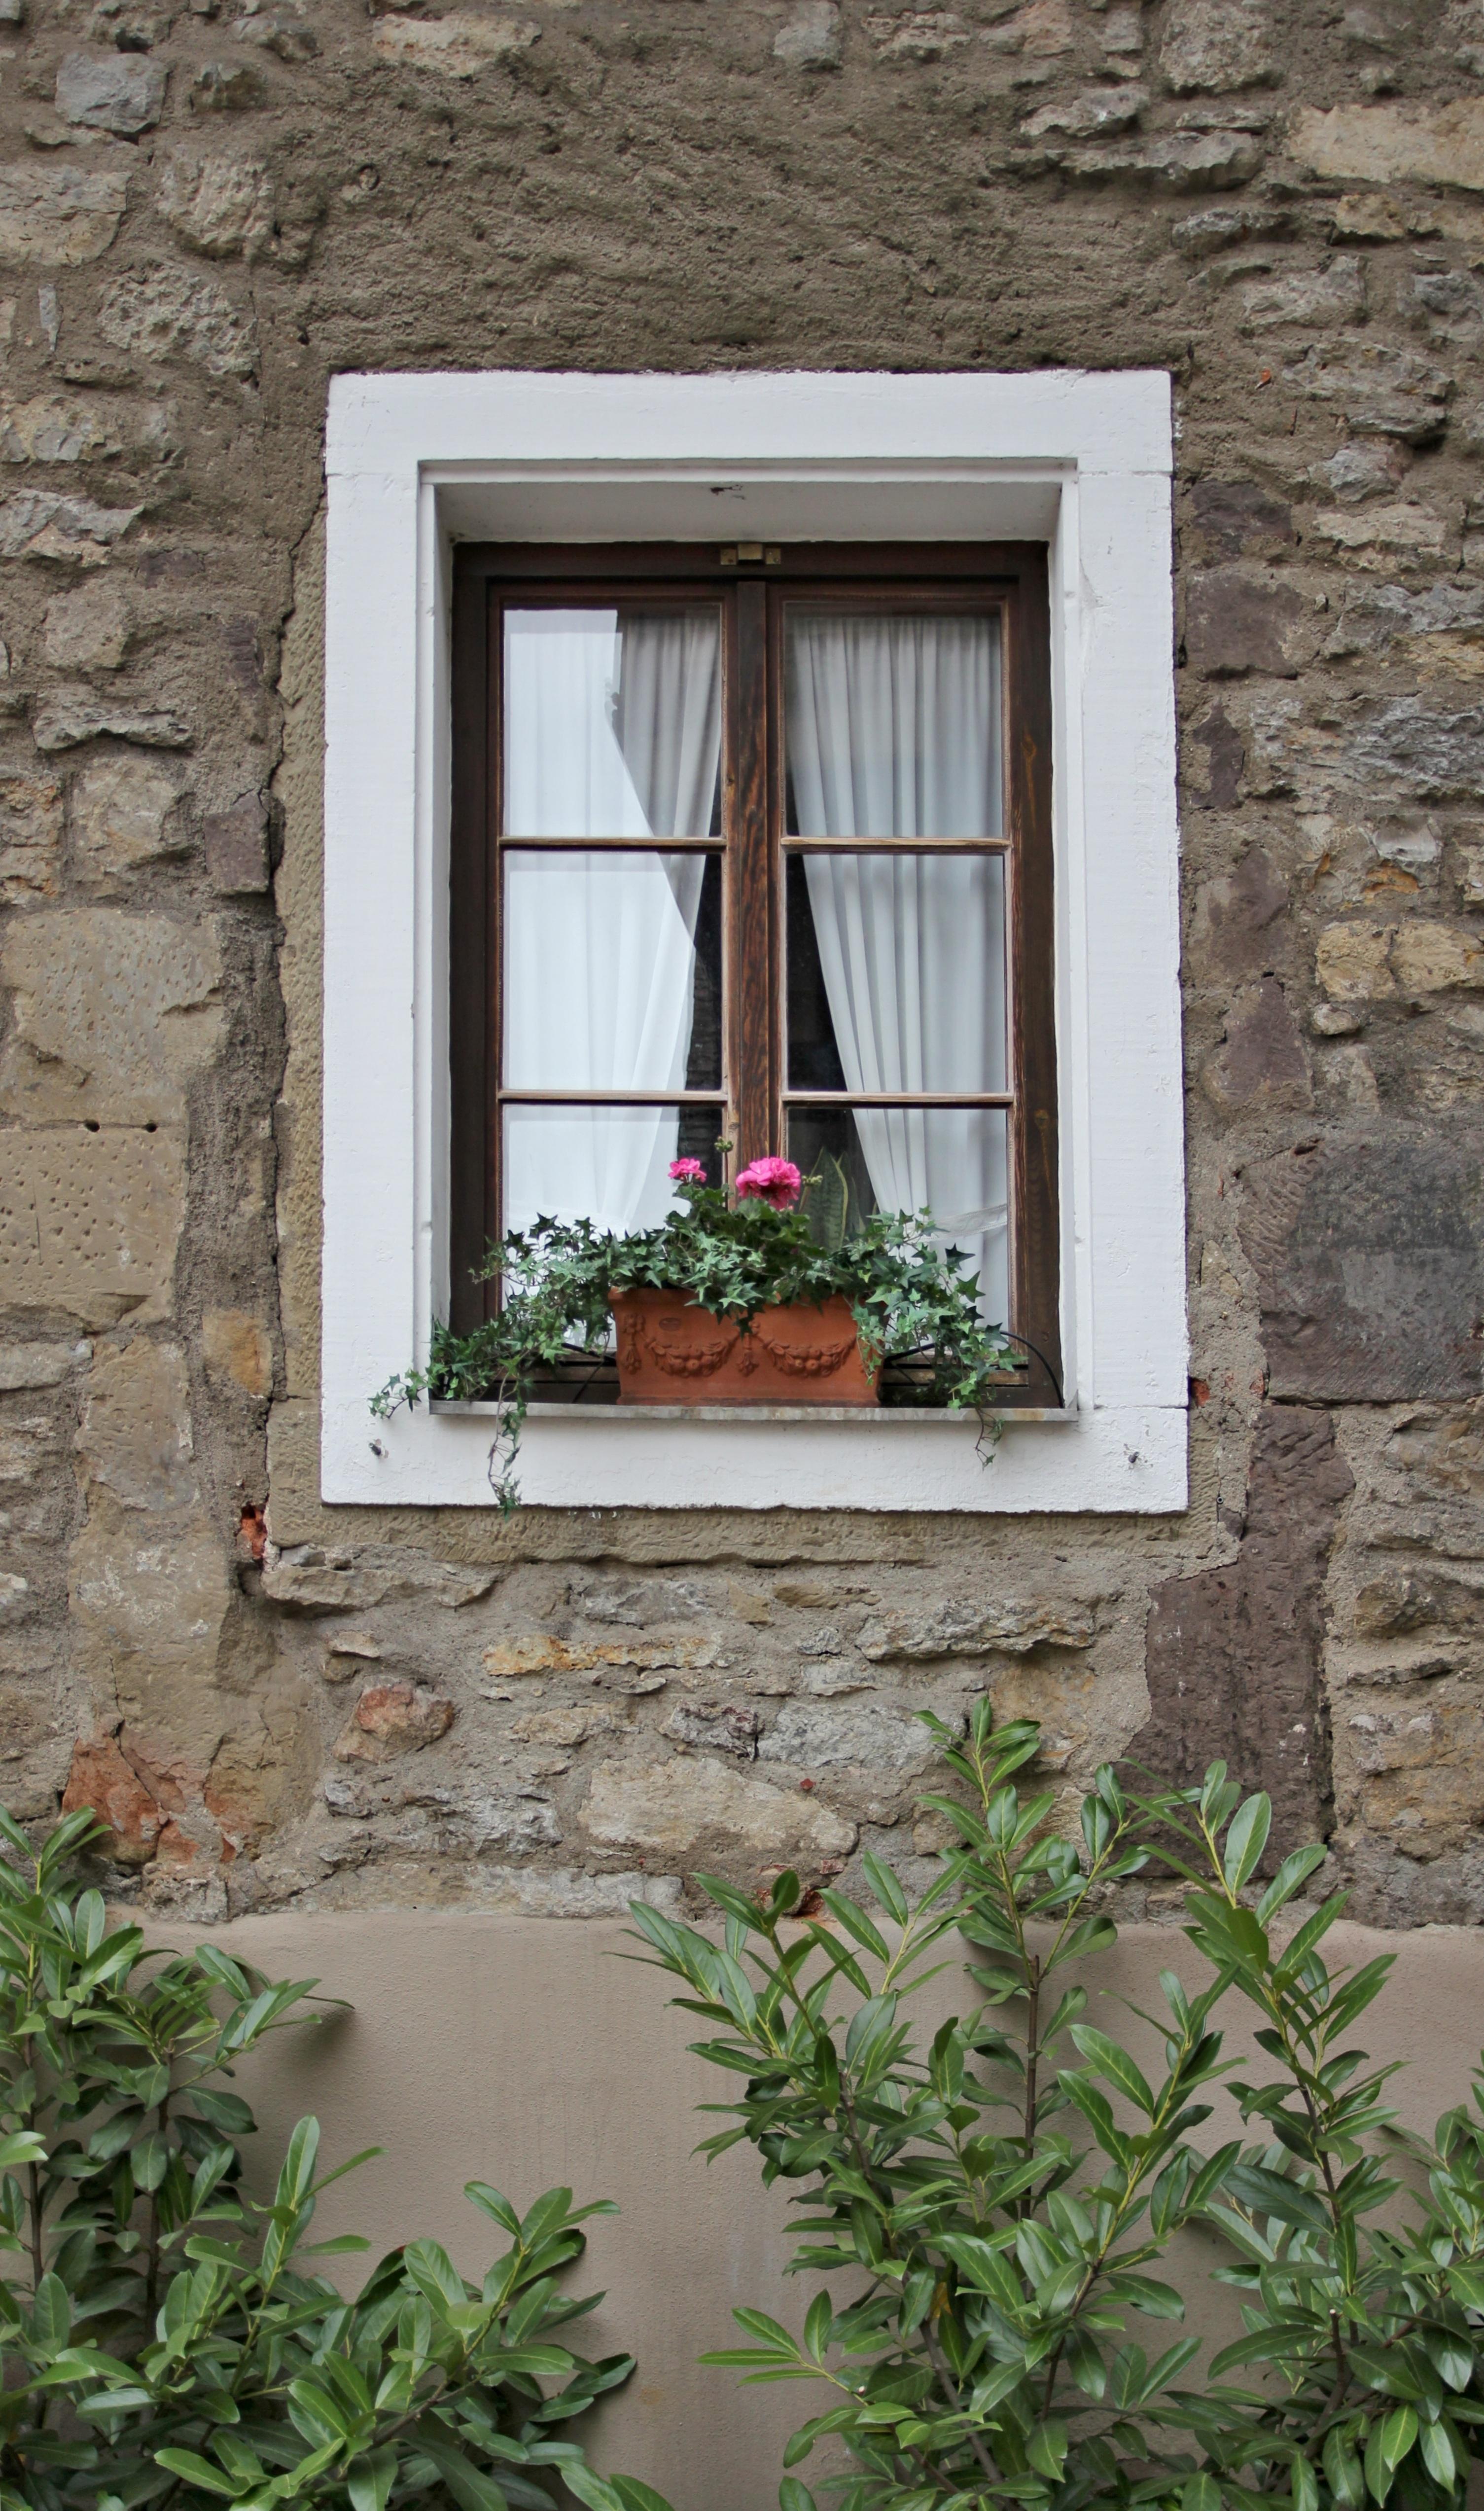 Fotos gratis arquitectura casa ventana antiguo pared piedra porche caba a patio - Ley propiedad horizontal patio interior ...